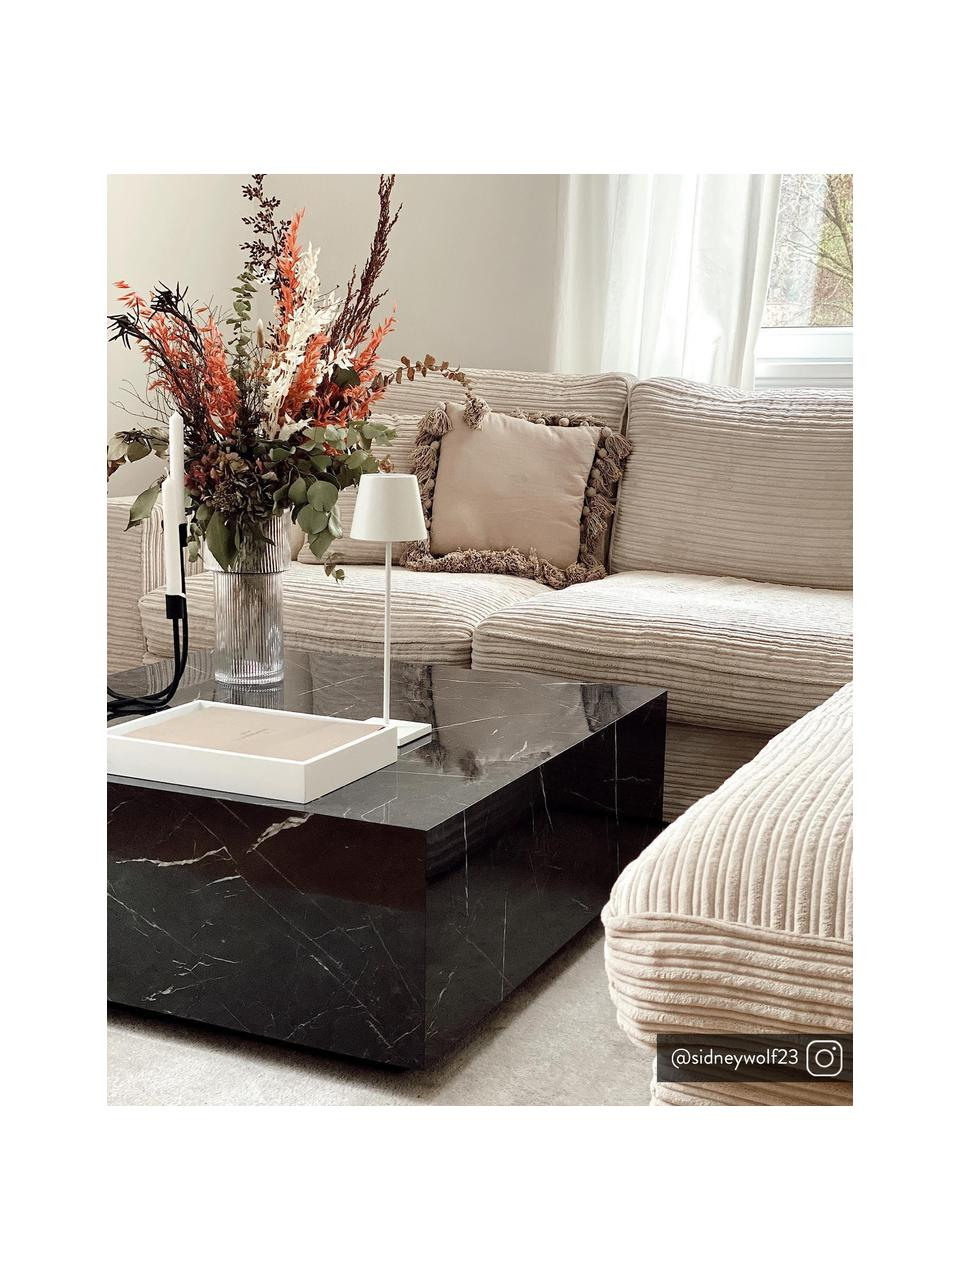 Konferenčný stolík s mramorovým vzhľadom Lesley, Čierna, mramorový vzhľad